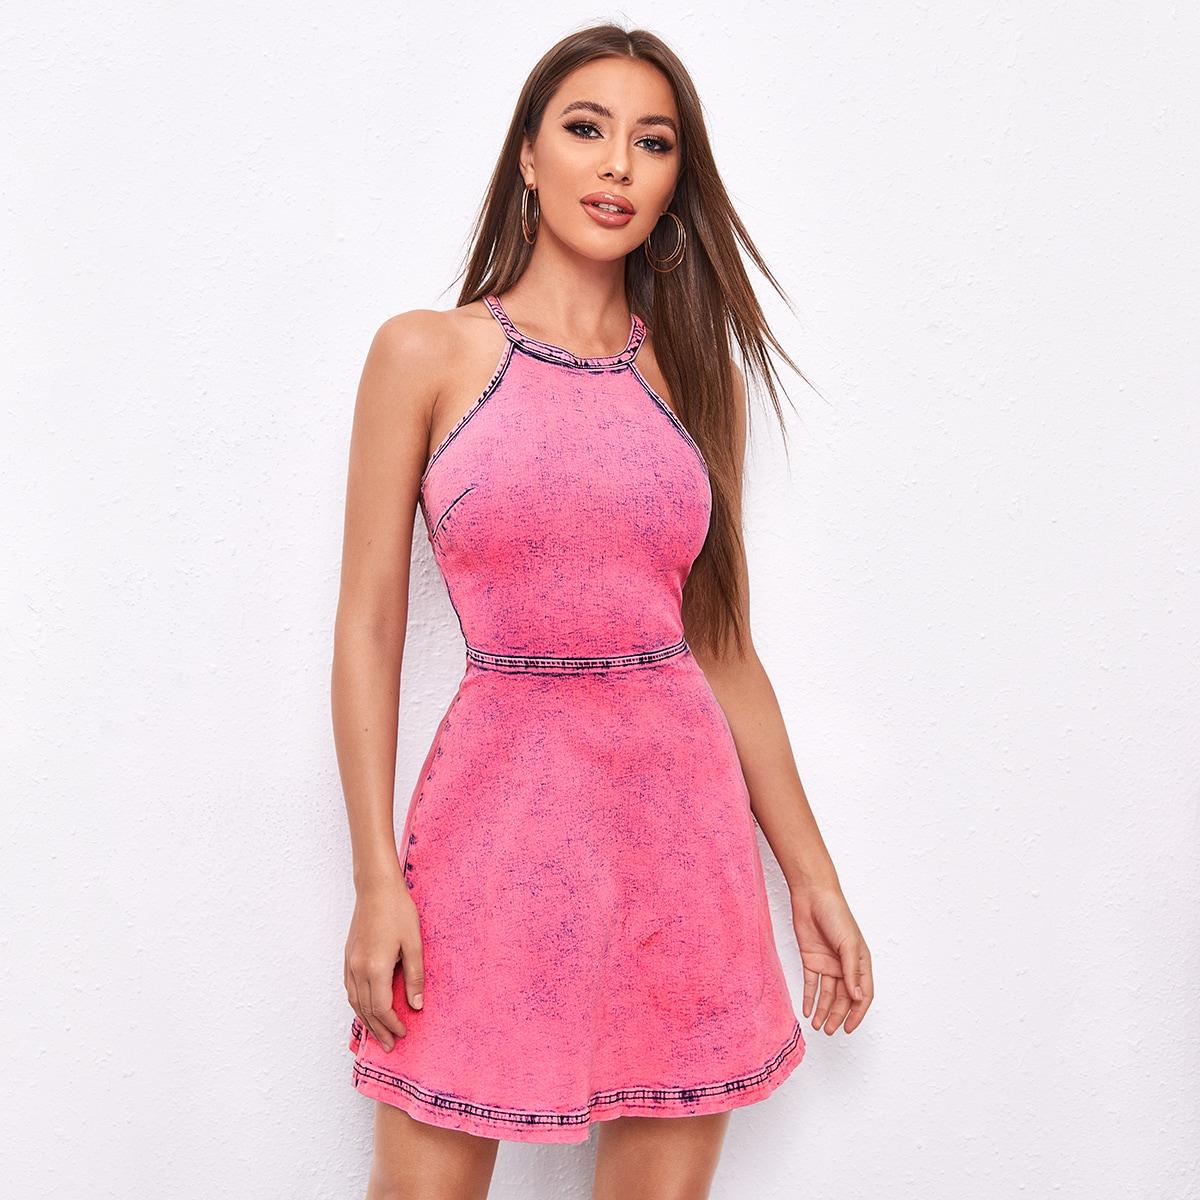 Джинсовое платье с застежкой сзади